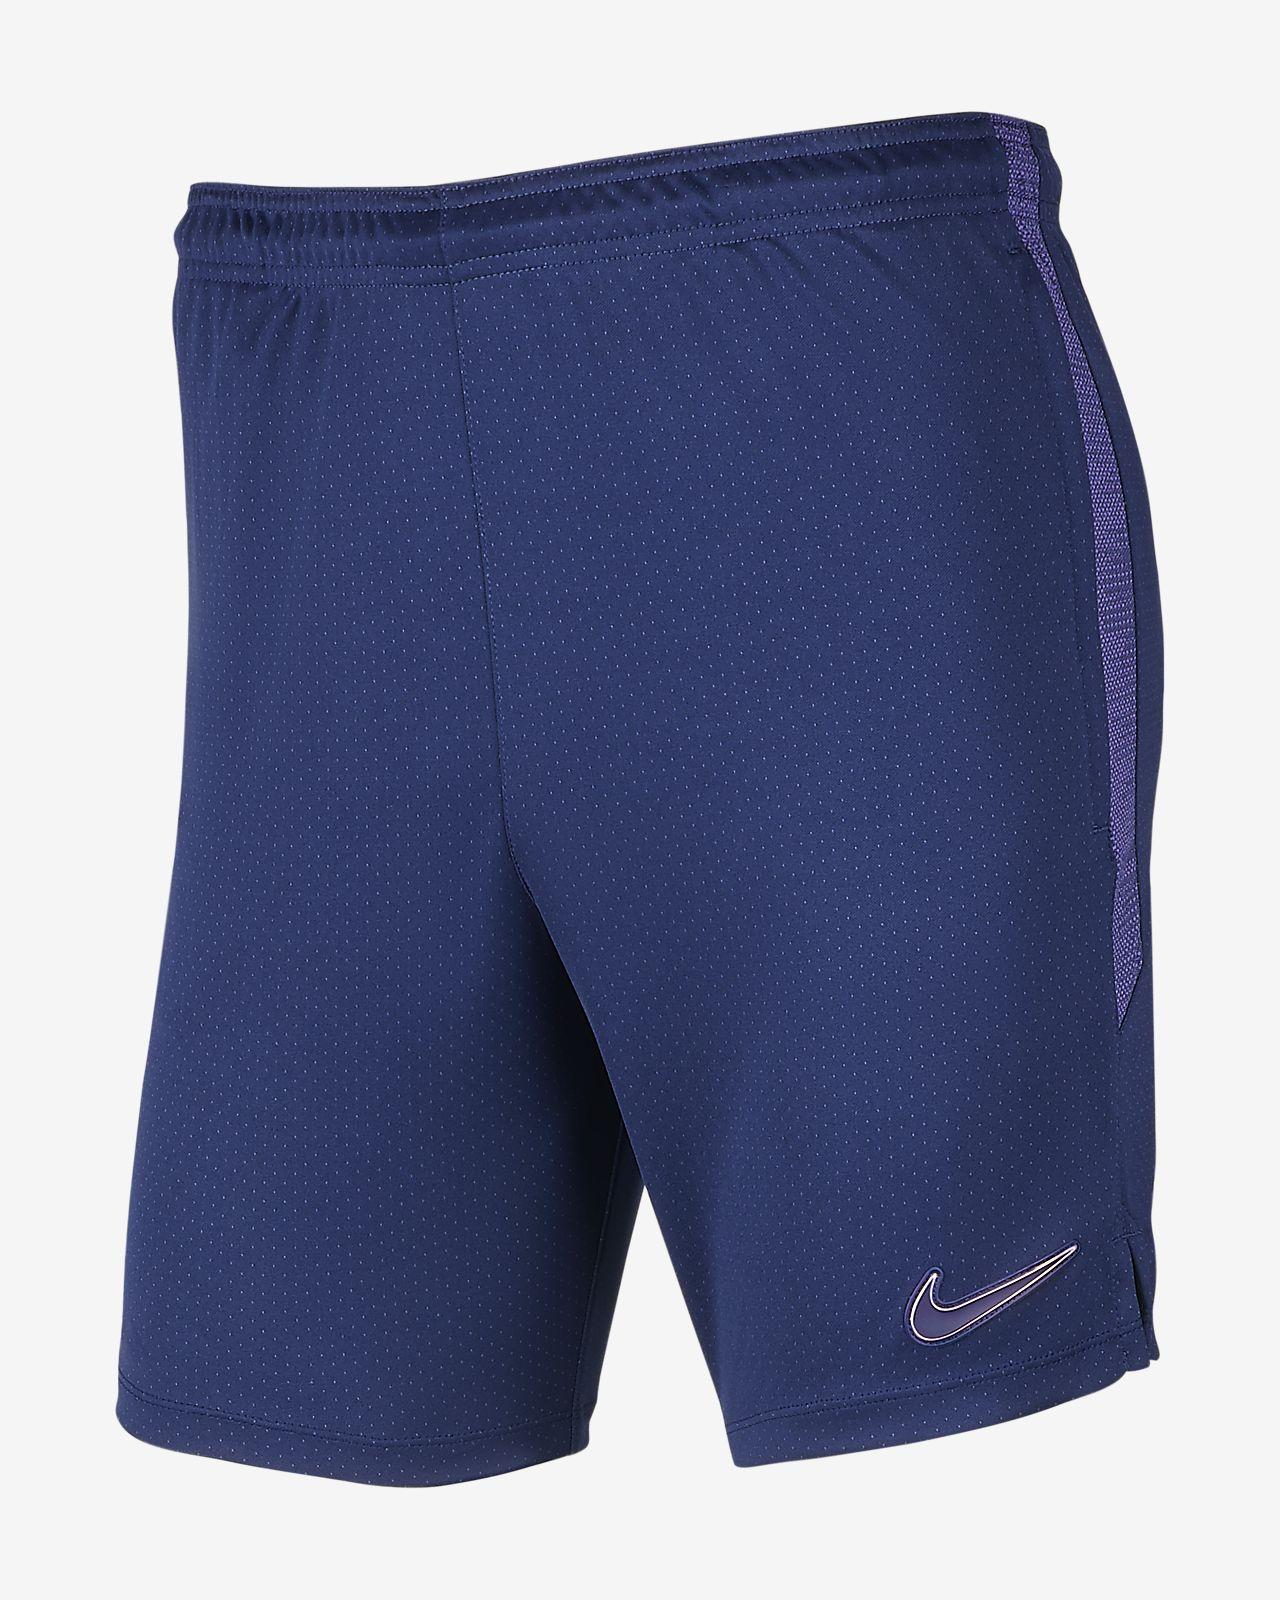 Nike Dri-FIT Tottenham Hotspur fotballshorts til herre